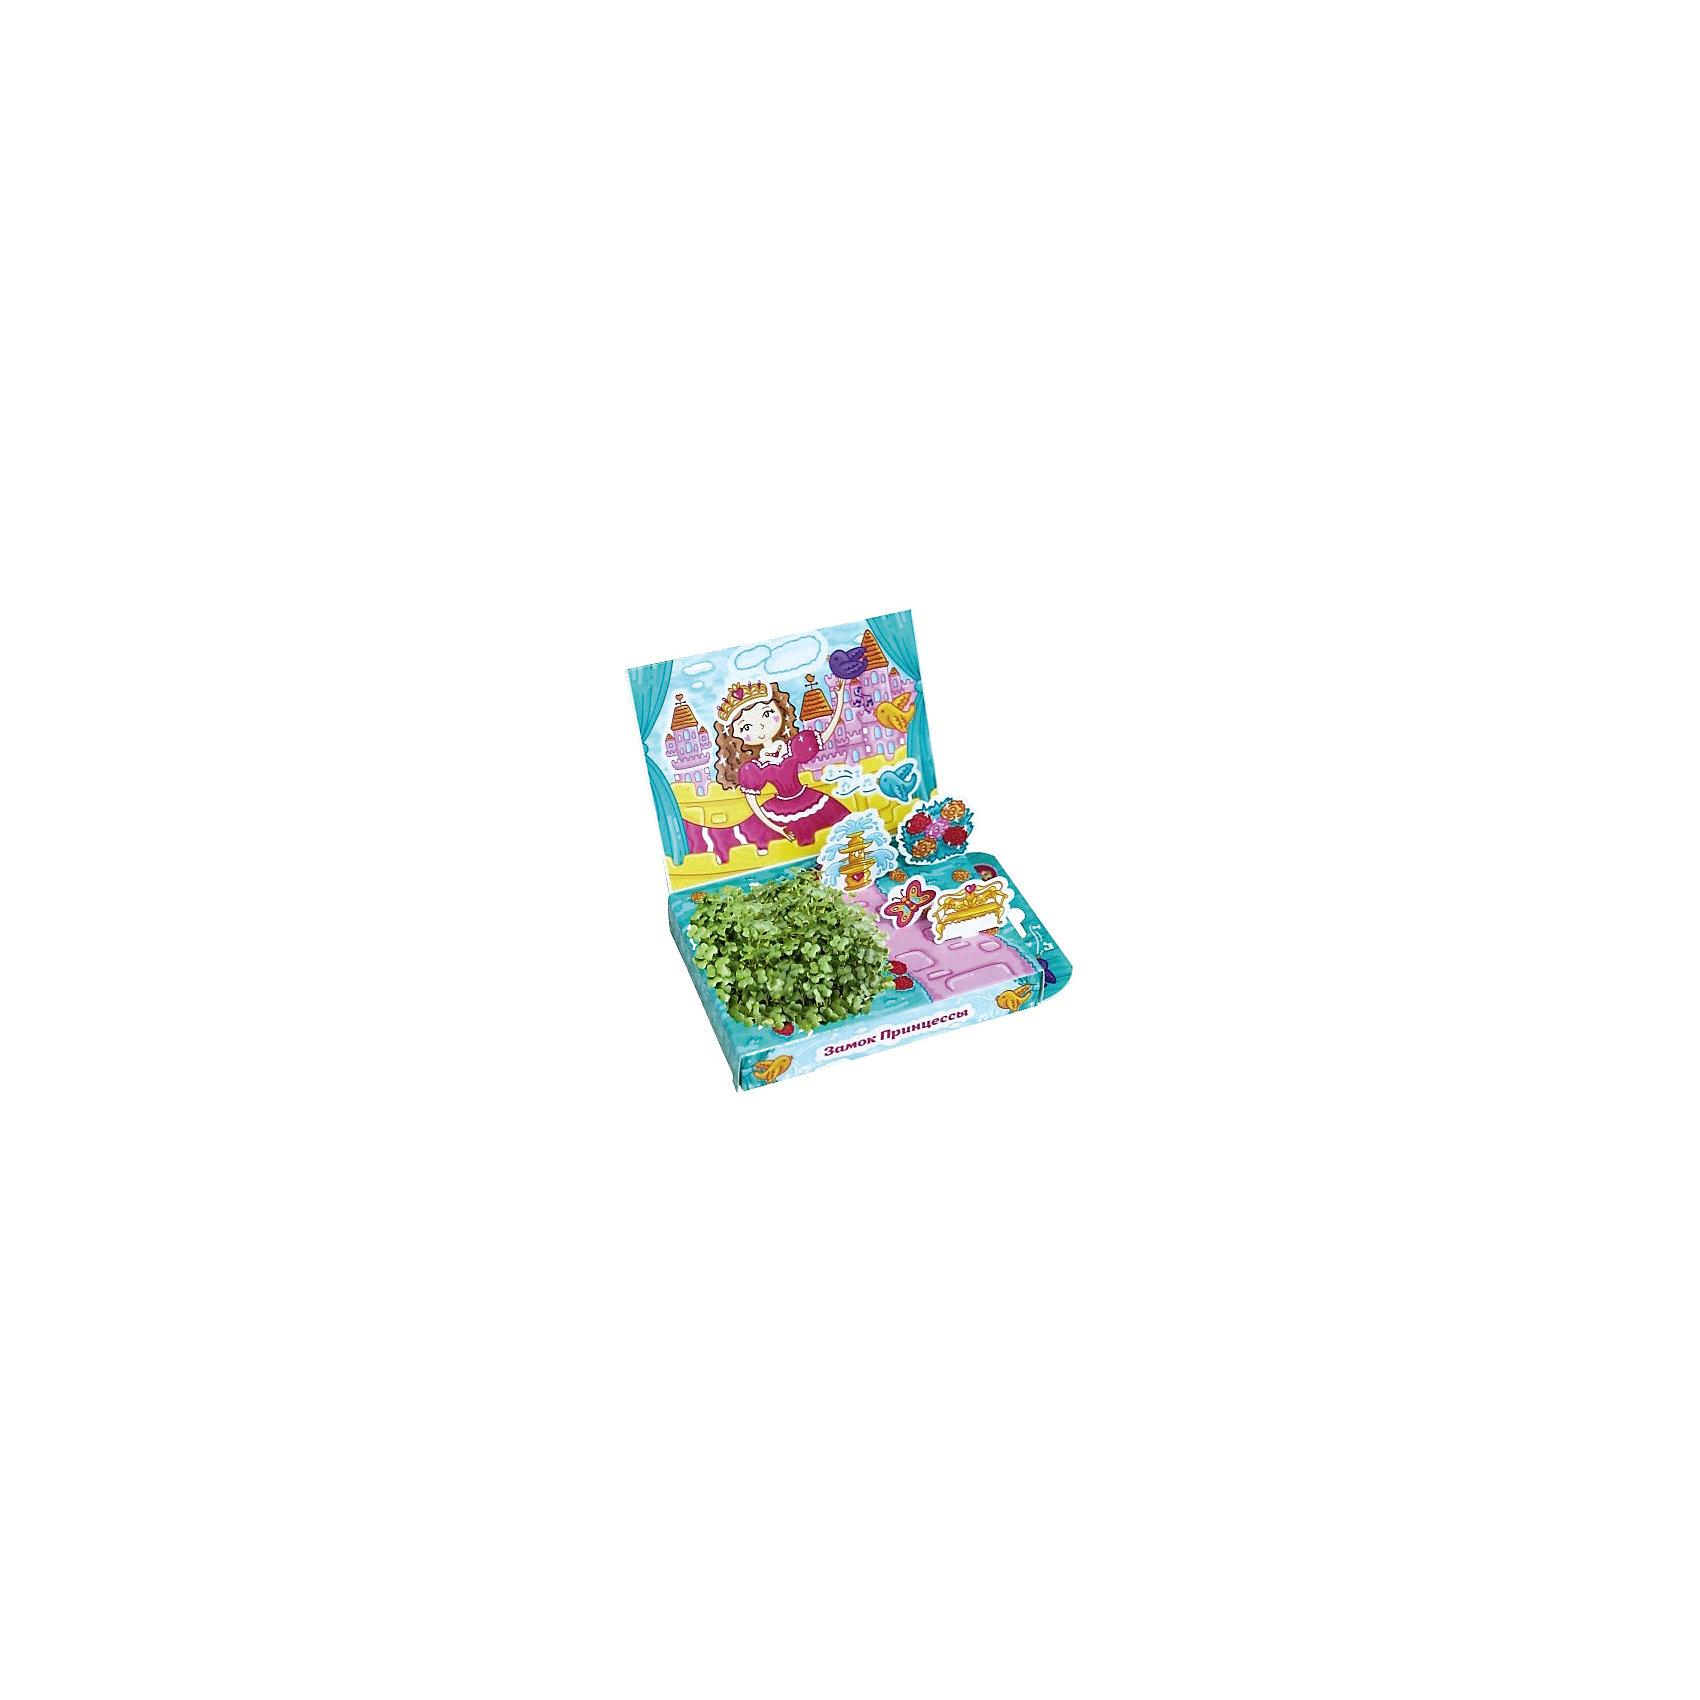 Набор для выращивания Живая открытка - Замок принцессы Happy PlantВыращивание растений<br>Подарочный набор Живая открытка Замок принцессы, Happy Plant.<br><br>Характеристики:<br><br>• ребенок сможет самостоятельно украсить пейзаж травкой<br>• прост в использовании<br>• безопасен для ребенка<br>• яркий дизайн <br>• развивает внимательность и усидчивость<br>• в комплекте: открытка, 3 фигурки, емкость для растений, наклейки, агроткань, семена, инструкция<br>• размер упаковки: 13х8х2,5 см<br>• вес: 30 грамм<br>• материалы: бумага, картон, агроткань, семена<br><br>Набор Живая открытка Замок принцессы идеально подойдет любителям экспериментов и живой природы. С его помощью ребенок сможет украсить открытку настоящими растениями. Процесс преображения очень прост. Нужно намочить агроткань, посадить семена и полить их. Поставьте открытку в теплое светлое место, и через несколько дней на ней вырастет настоящая травка. Это набор станет прекрасным подарком любознательным экспериментаторам!<br><br>Подарочный набор Живая открытка Замок принцессы, Happy Plant вы можете купить в нашем интернет-магазине.<br><br>Ширина мм: 175<br>Глубина мм: 115<br>Высота мм: 25<br>Вес г: 30<br>Возраст от месяцев: 168<br>Возраст до месяцев: 240<br>Пол: Женский<br>Возраст: Детский<br>SKU: 5053958